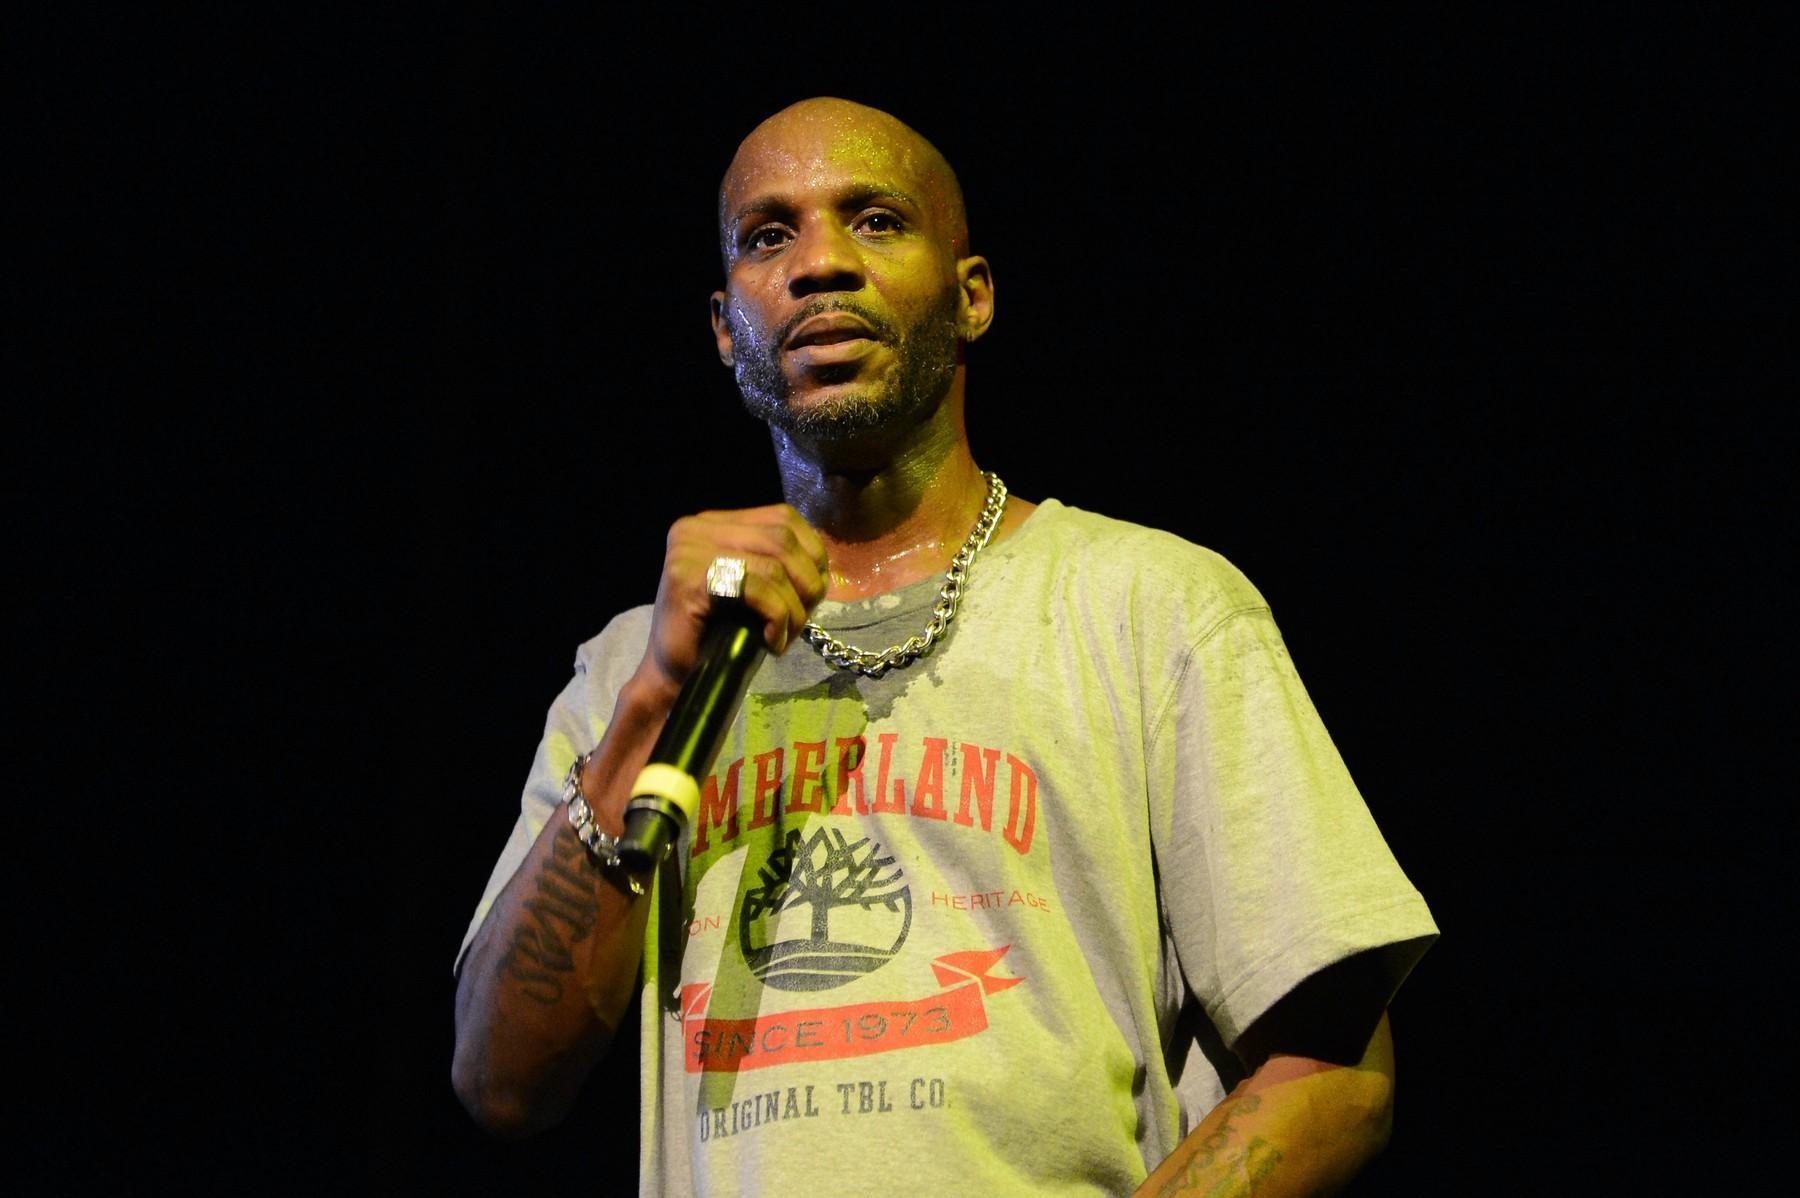 A murit DMX. Rapper-ul făcuse infarct acum o săptămână, după o posibilă supradoză de droguri